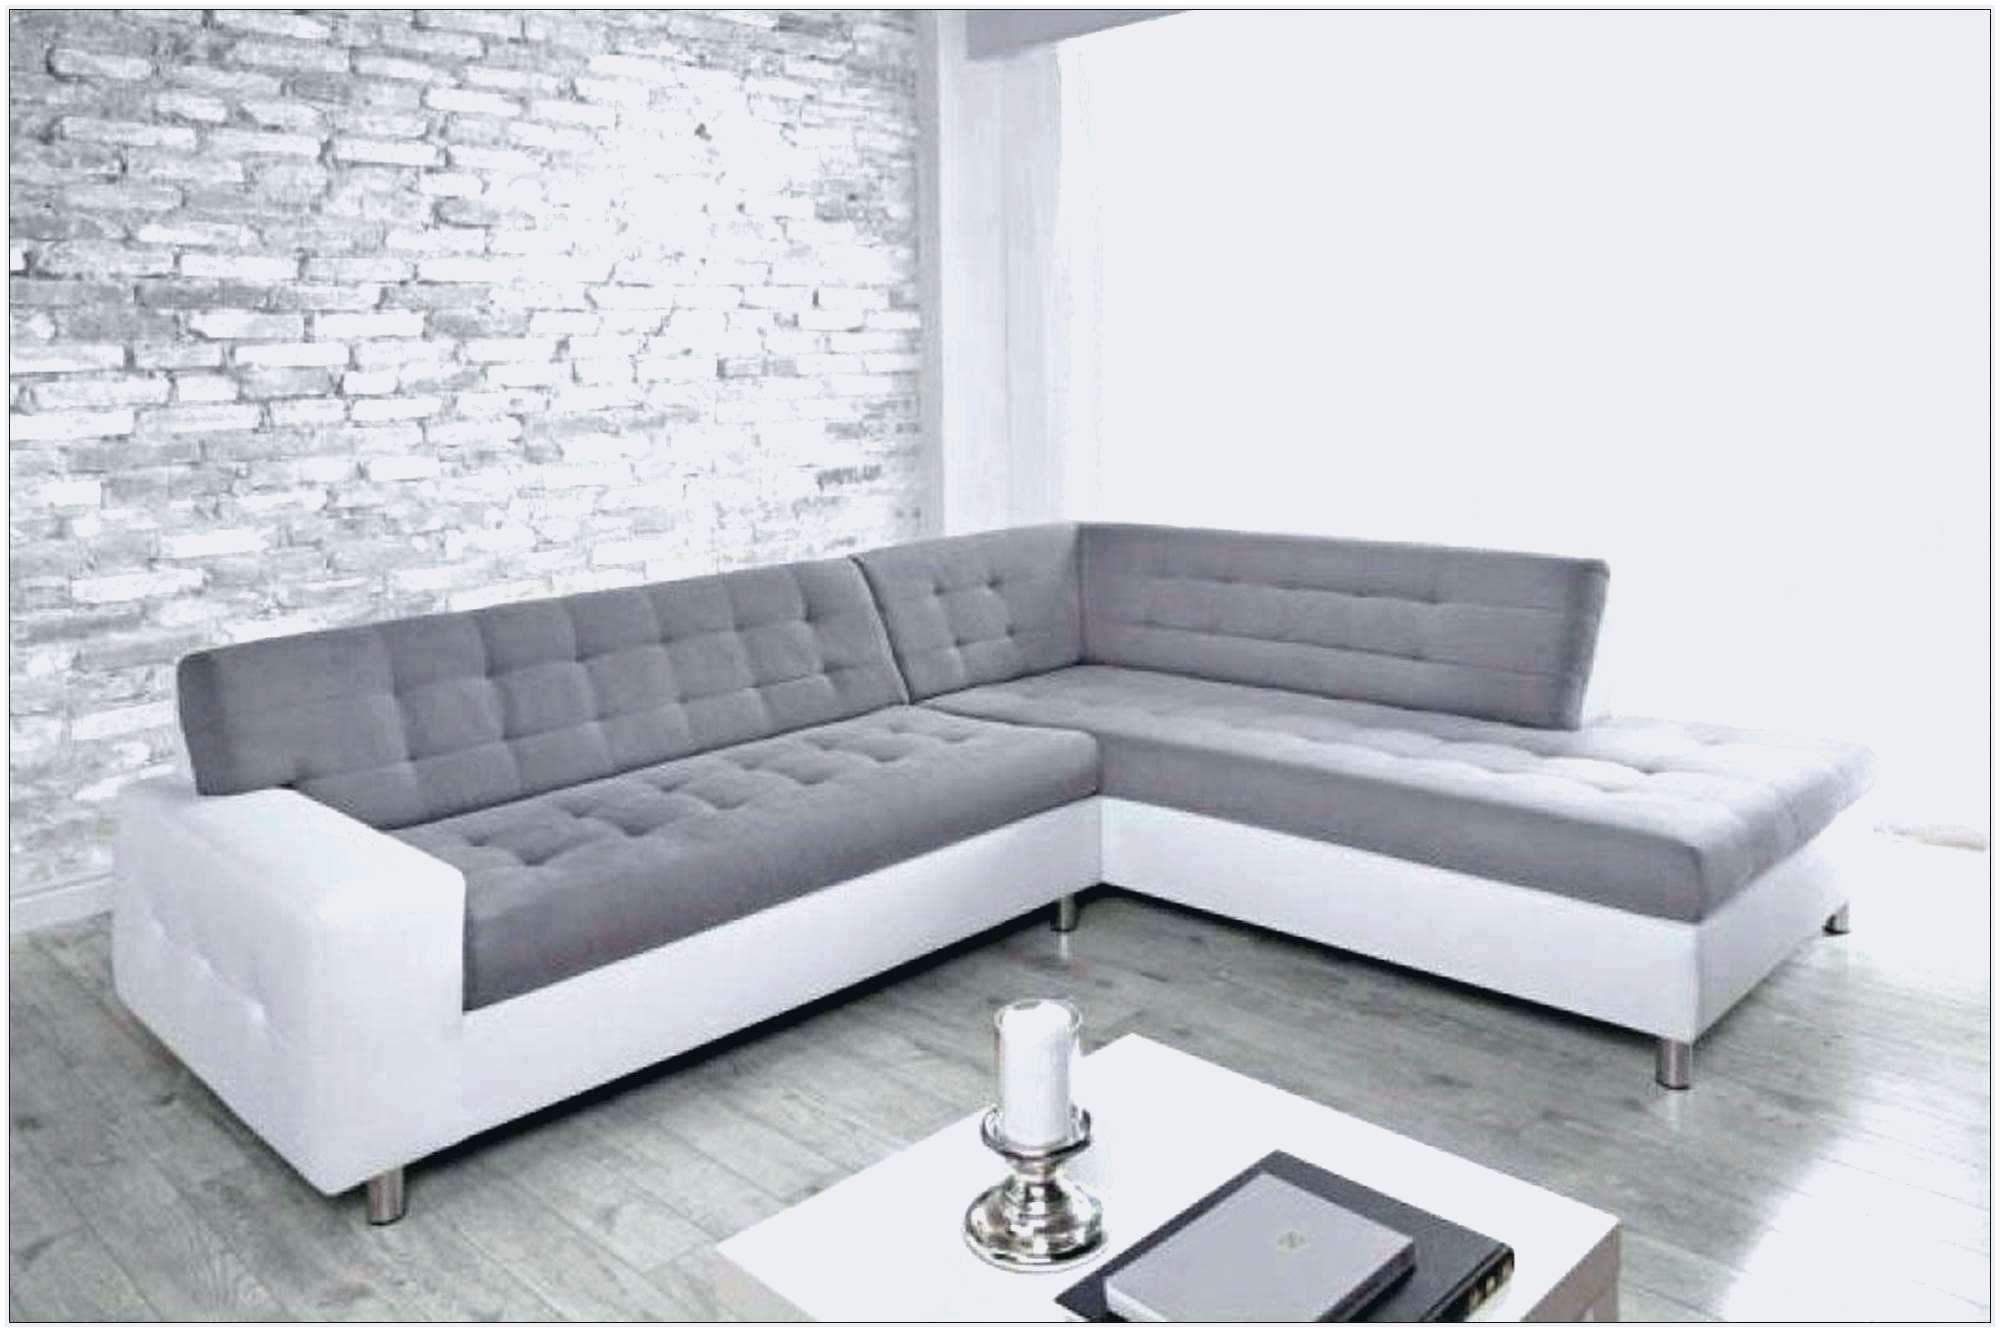 Lit En Fer forgé Ikea Inspirant Unique Ikea Canapé D Angle Convertible Beau Image Lit 2 Places 25 23